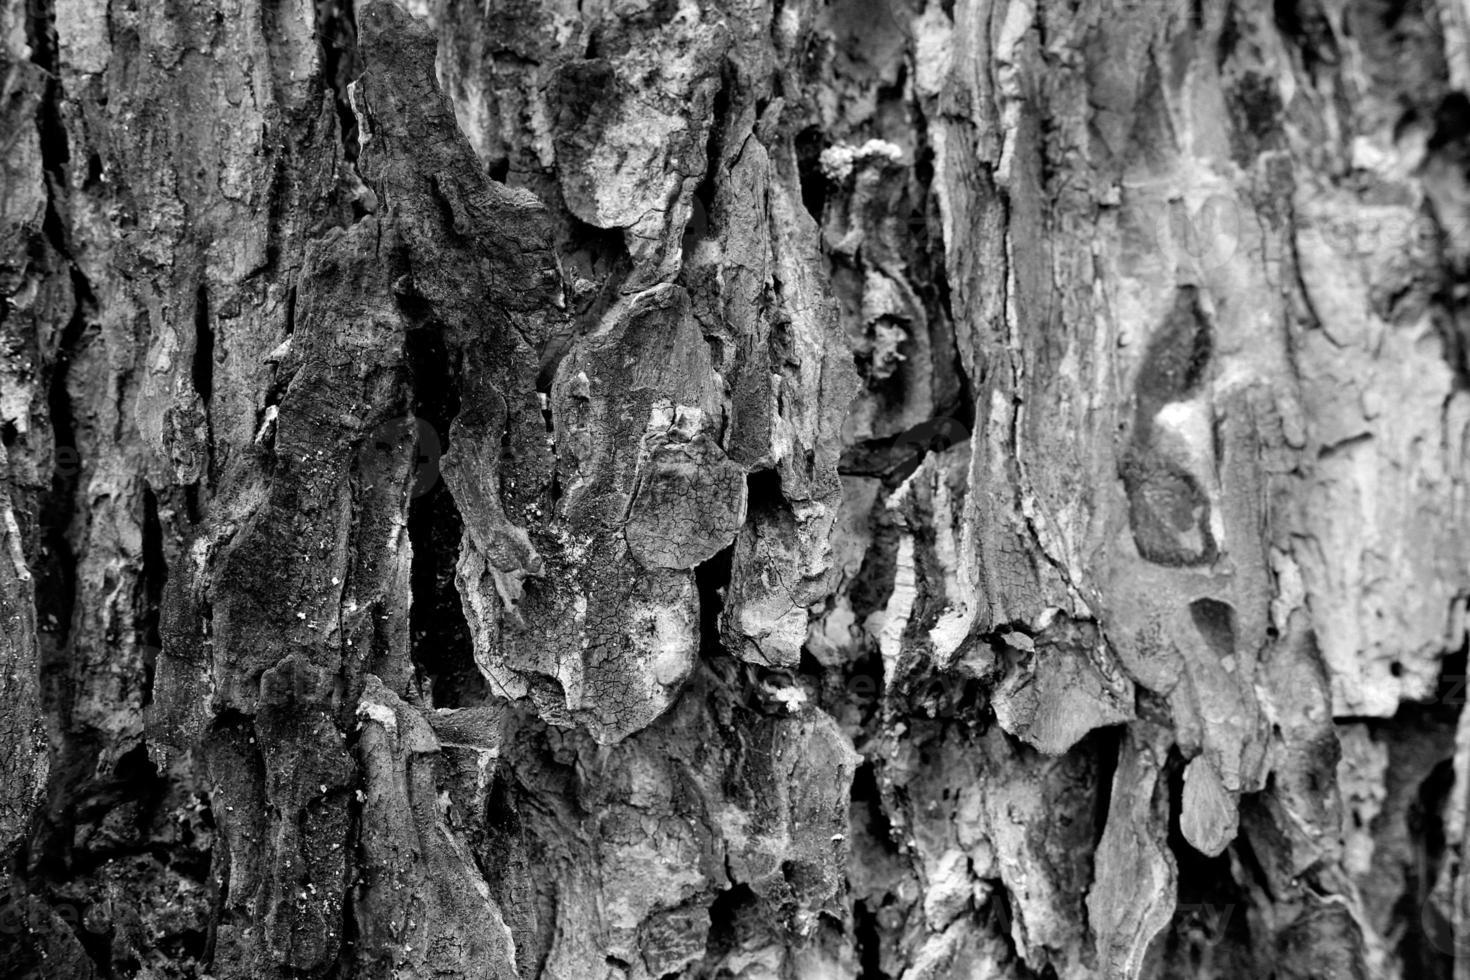 dettaglio della corteccia degli alberi, bianco e nero foto